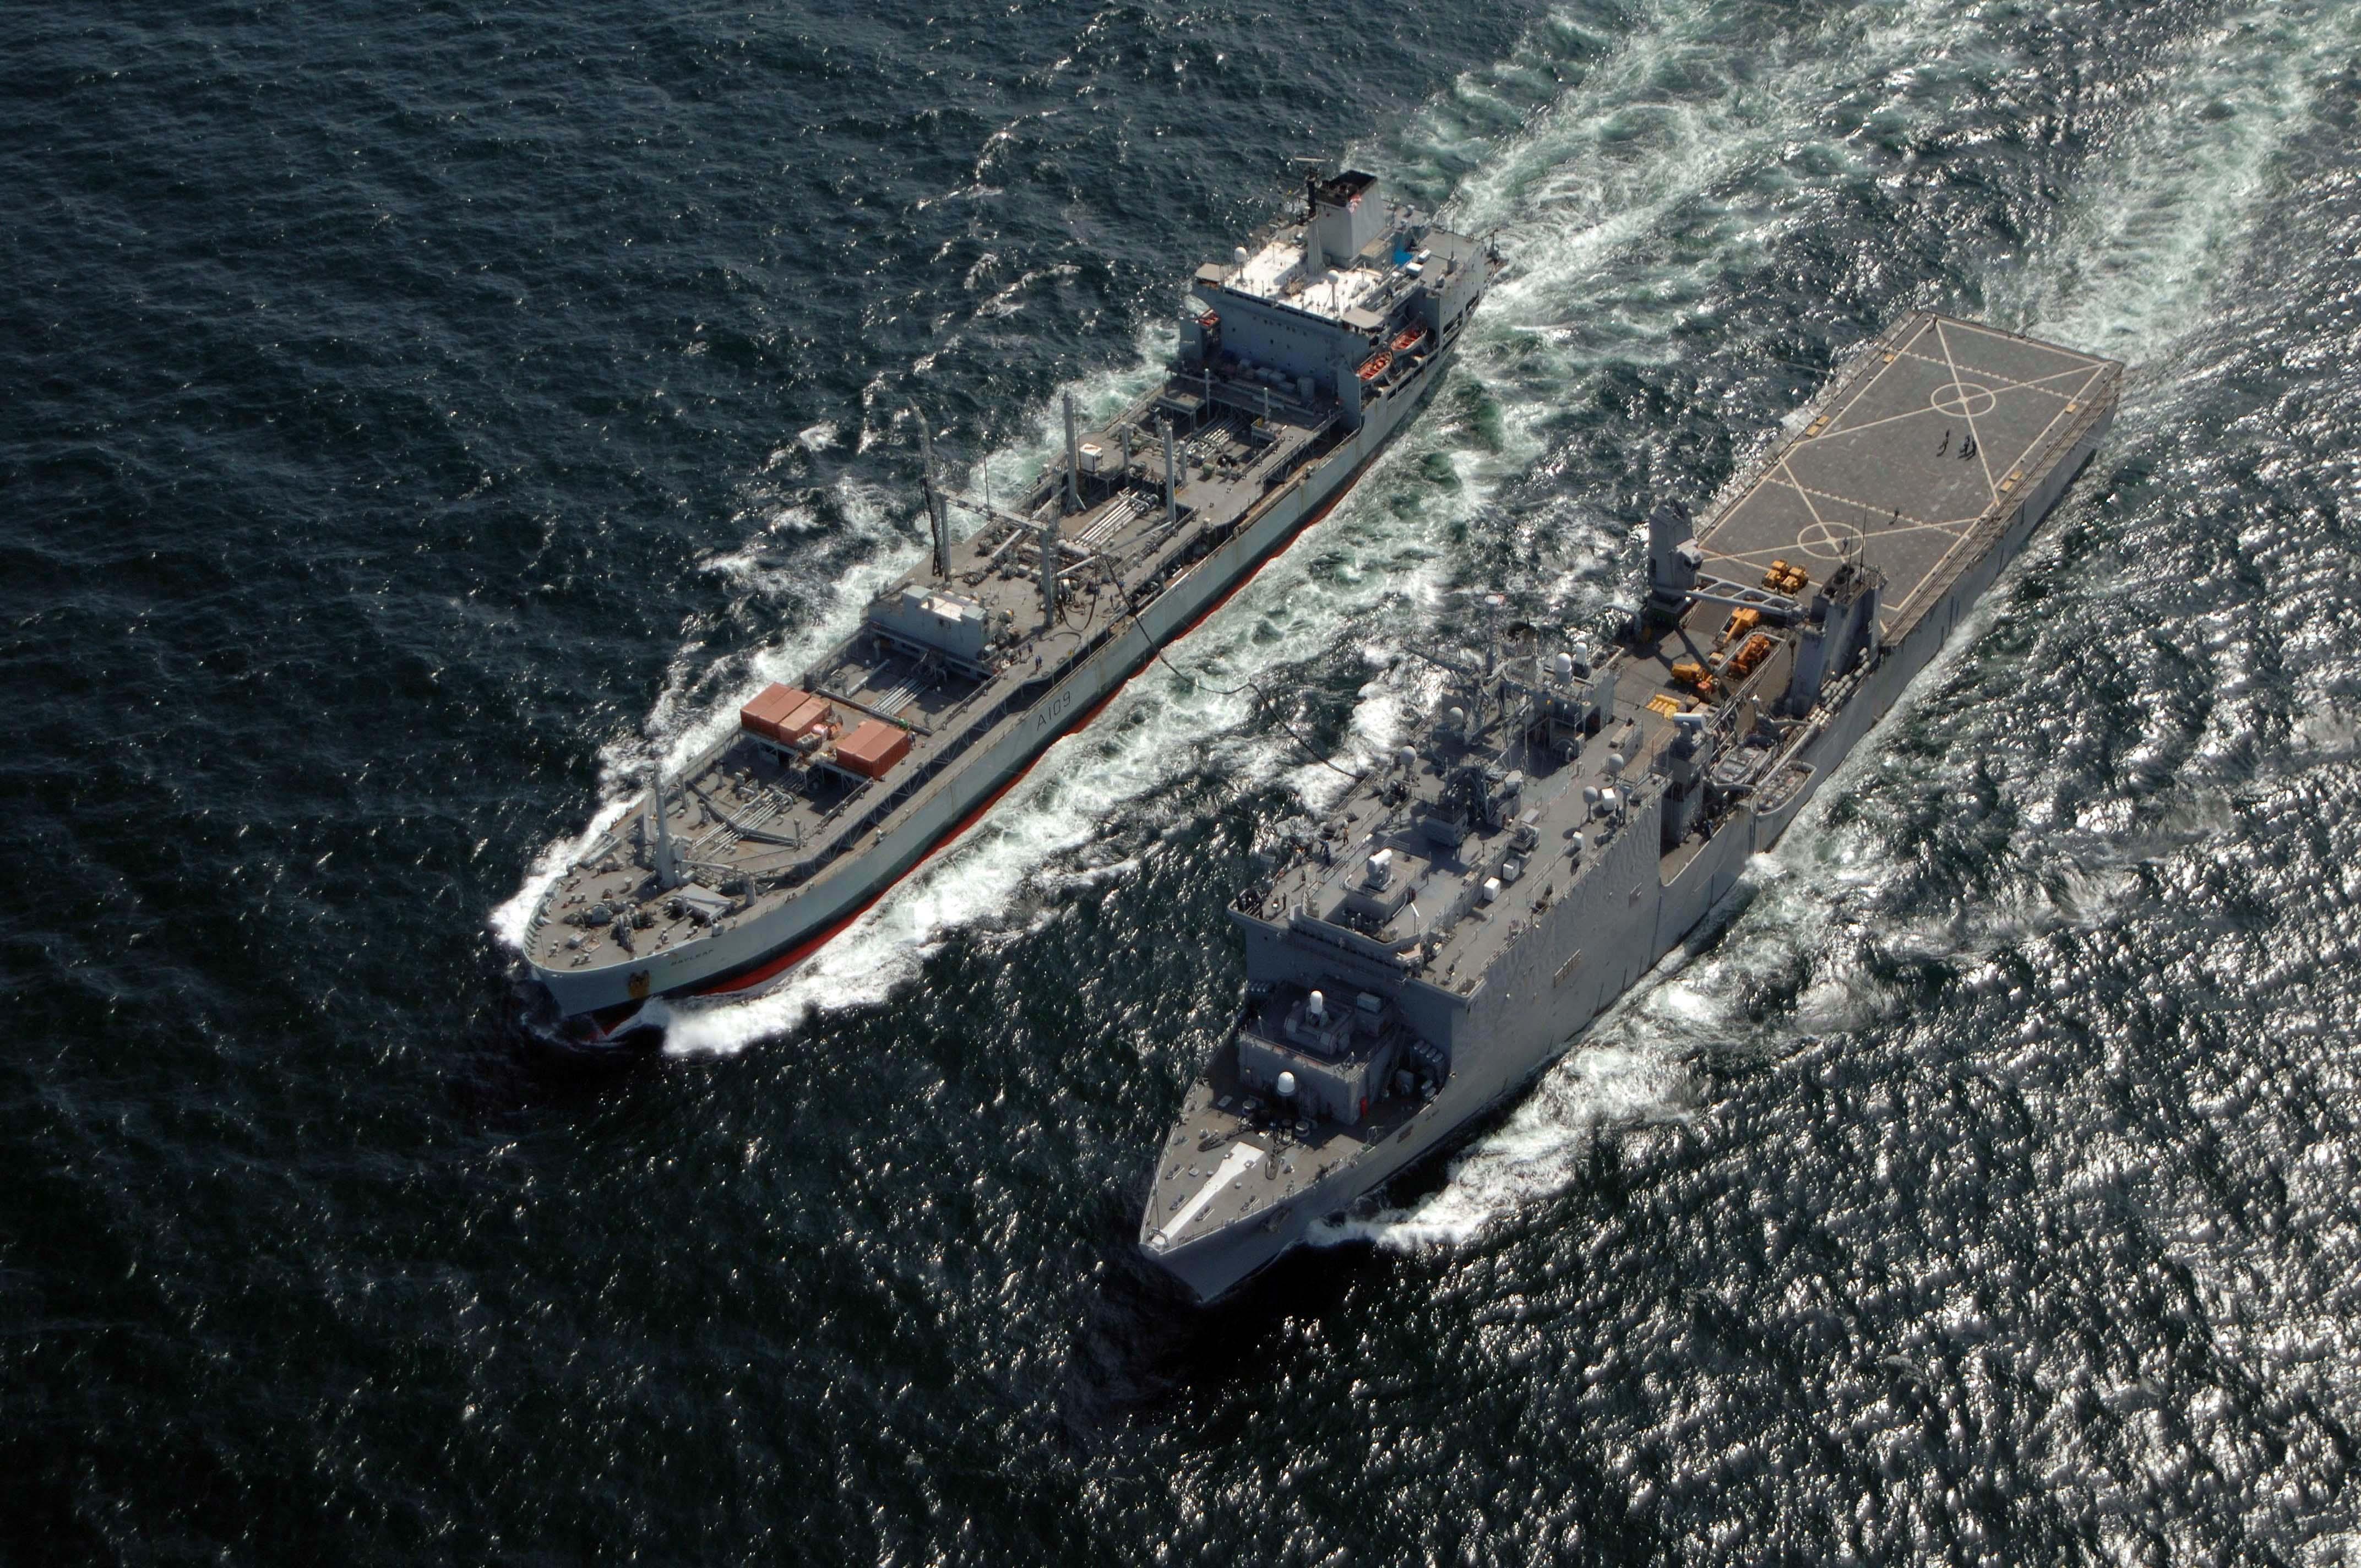 USS_Carter_Hall_(LSD-50)_and_RFA_Bayleaf_(A109).jpg